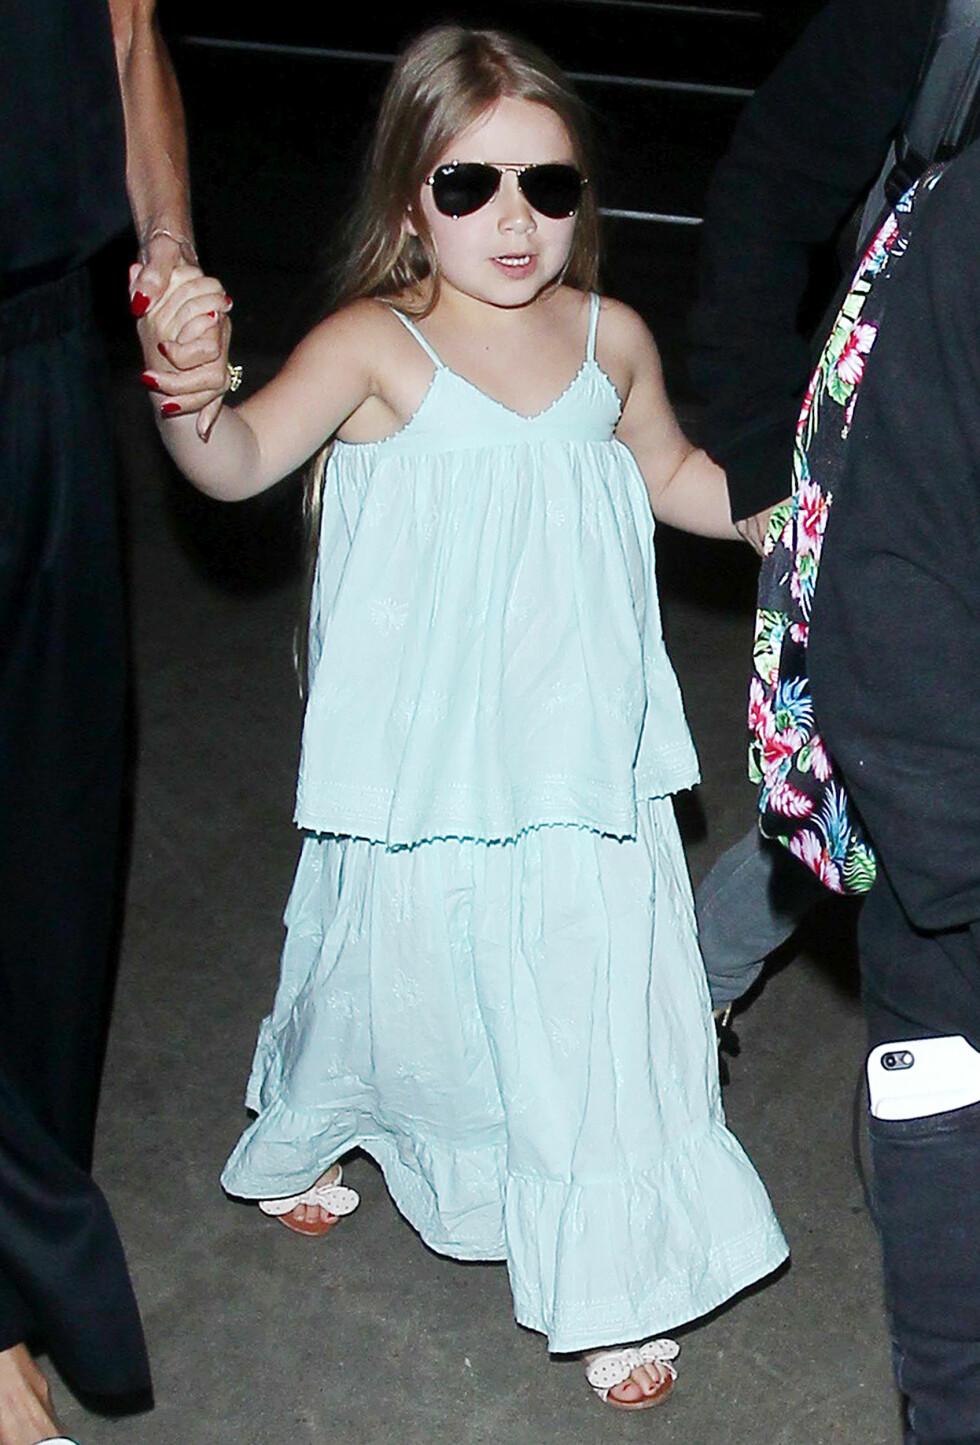 MOTELØVE: Victoria kler gjerne datteren opp i små designerkjoler, men den lille jenta elsker også å spille fotball med brødrene sine.  Foto: Broadimage